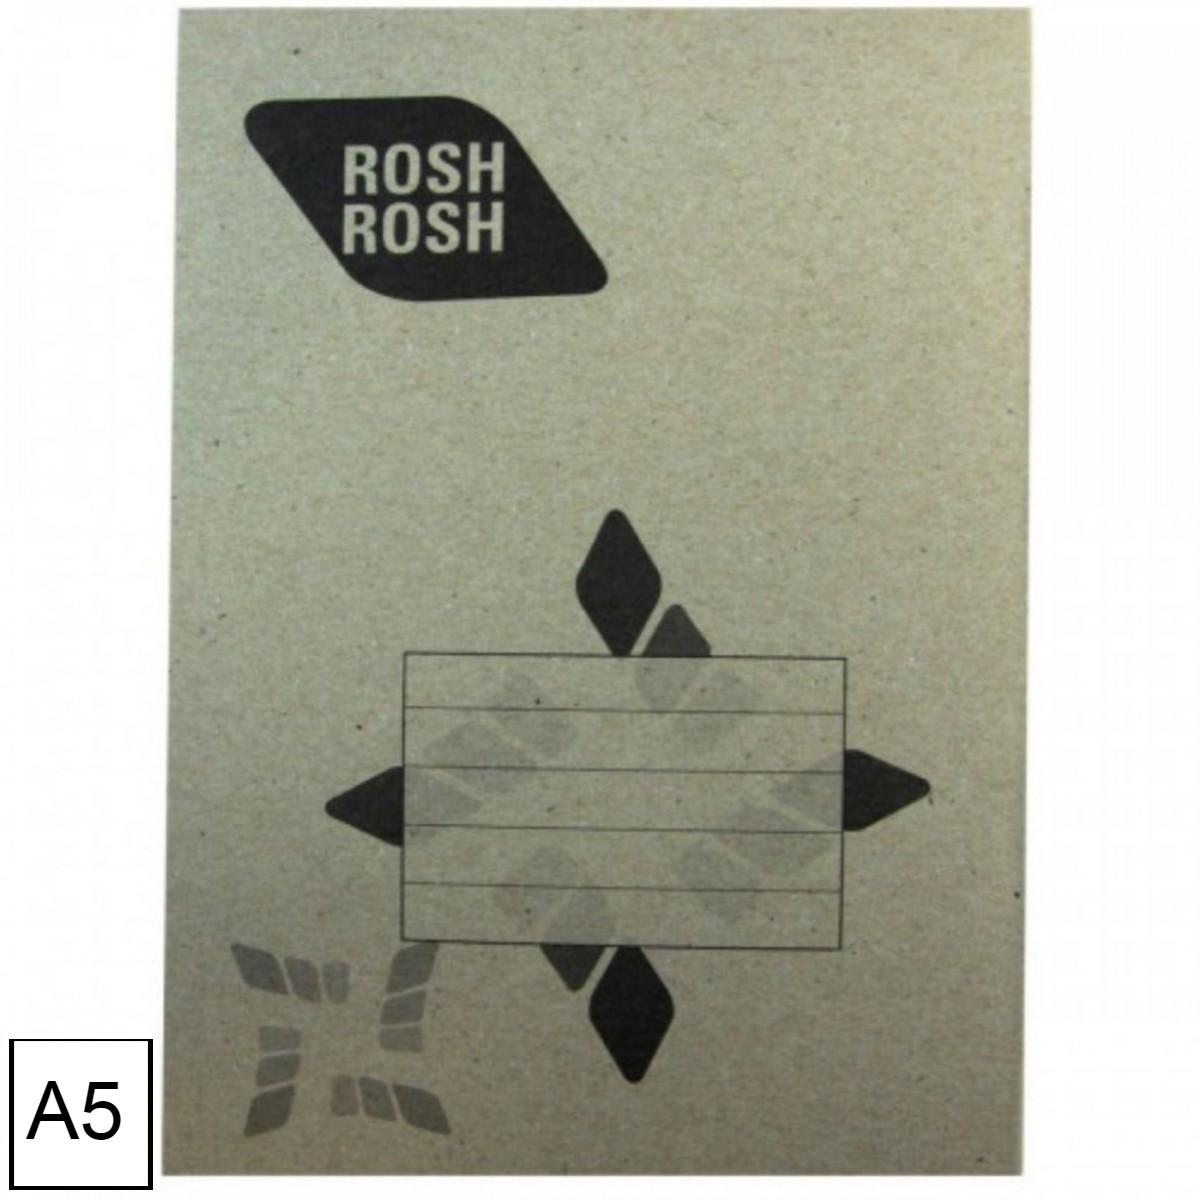 מחברת סיכה אנגלית חומה Rosh Rosh A5